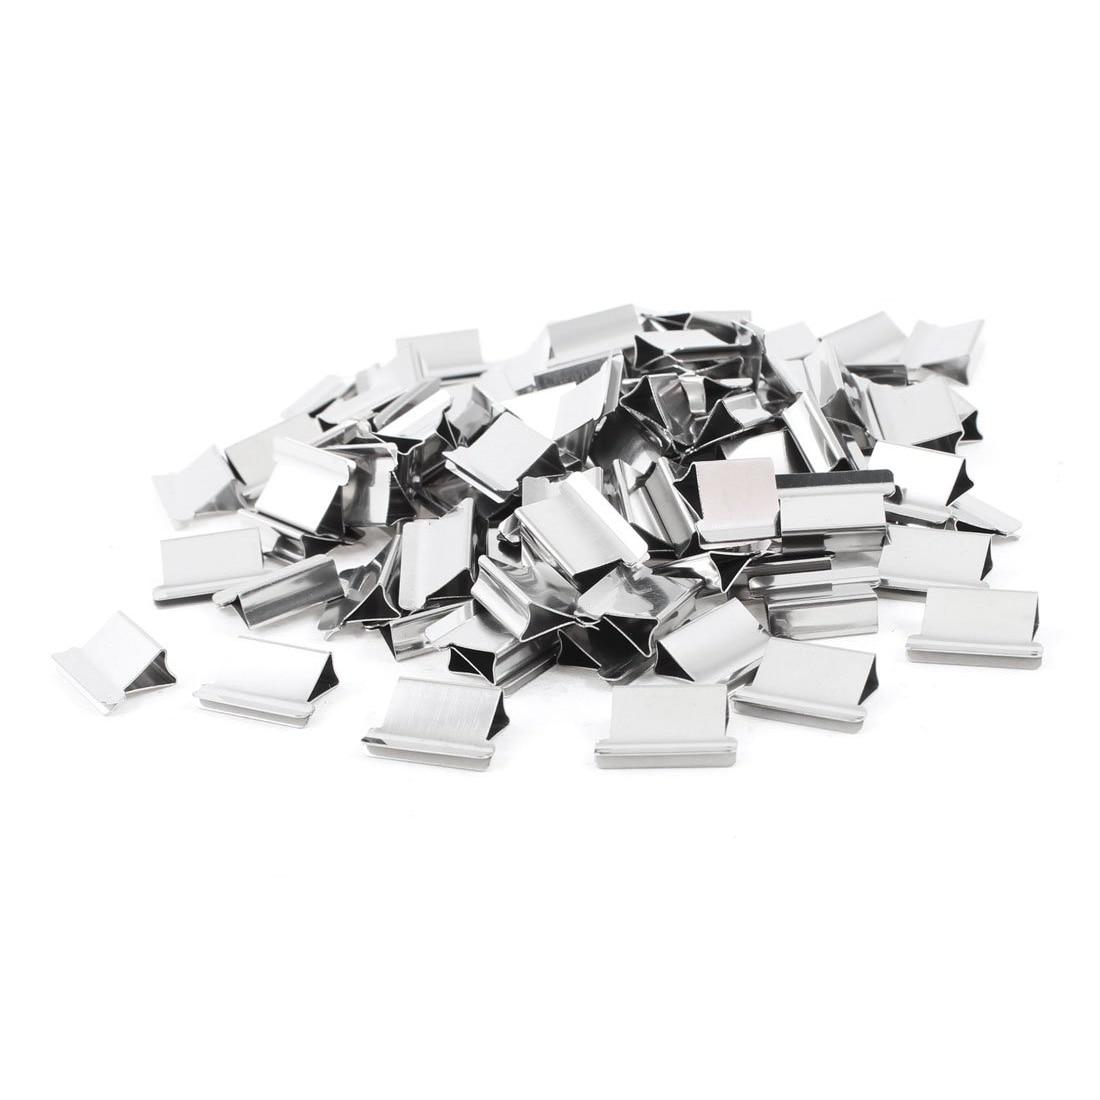 SOSW-100 pièces 15mm x 10mm x 5mm métal recharge réutilisable pour distributeur de pinces à palourdes